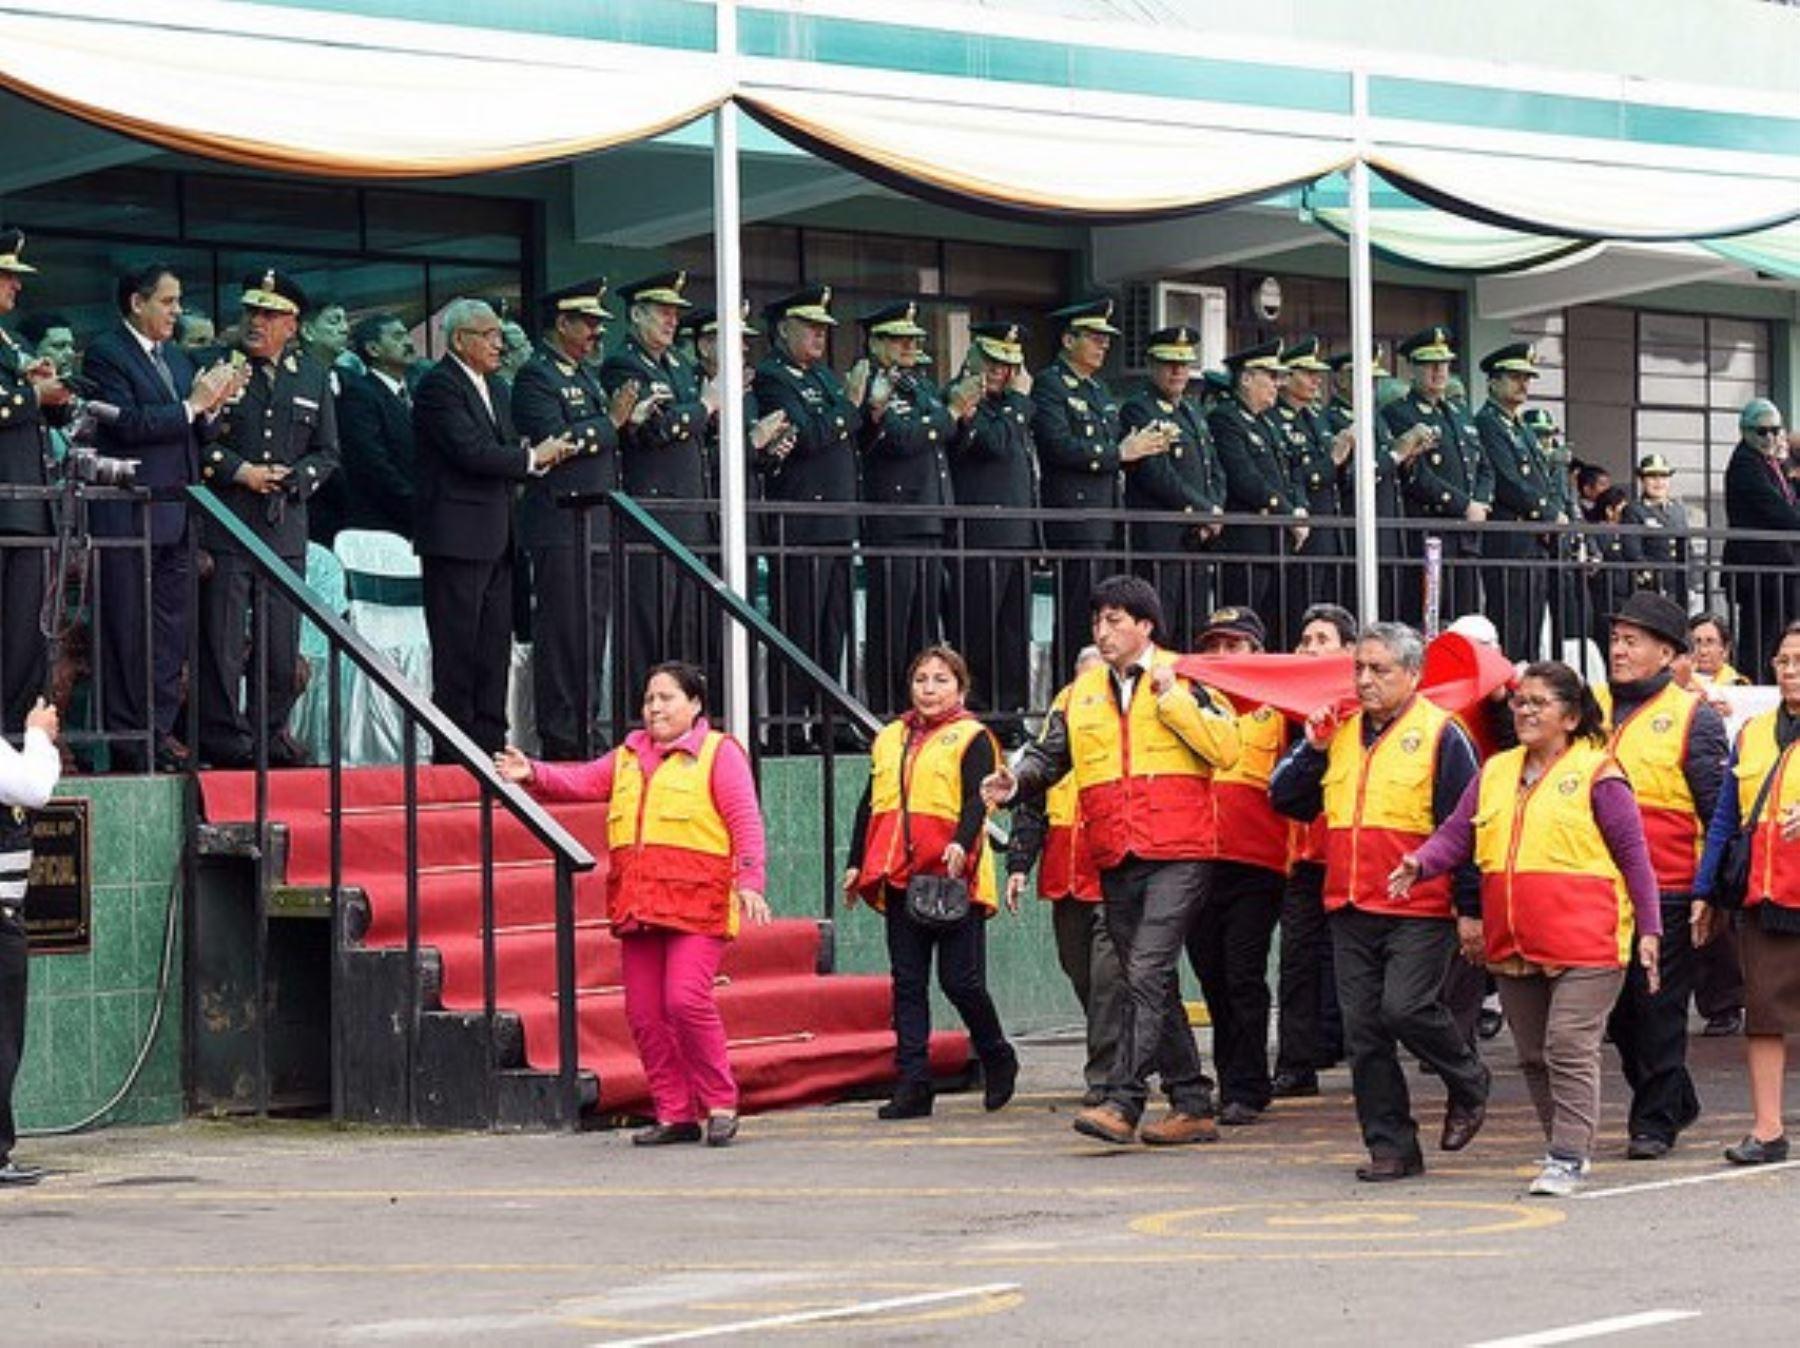 Más de 16,000 juntas vecinales apoya el trabajo de la Policía Nacional en Seguridad Ciudadana.